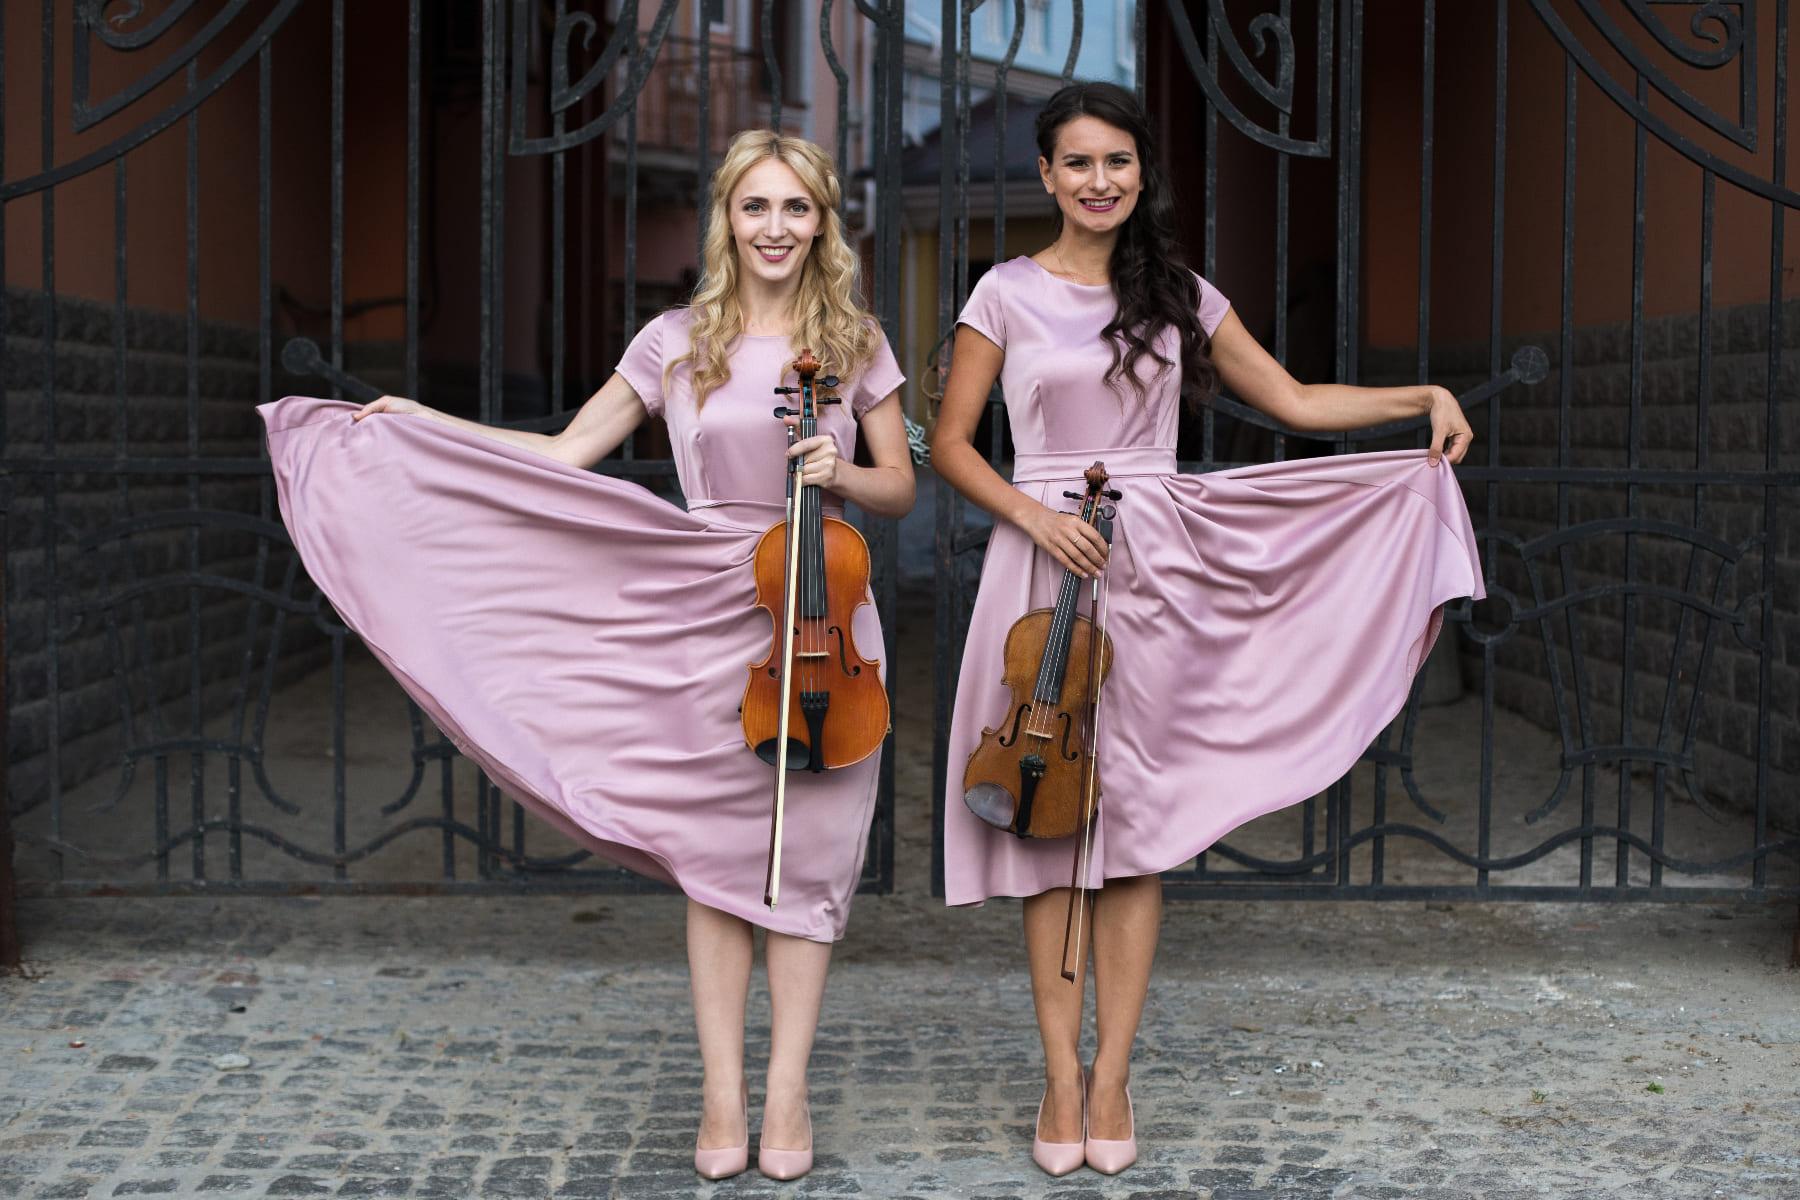 Дуэт в сиреневых платьях